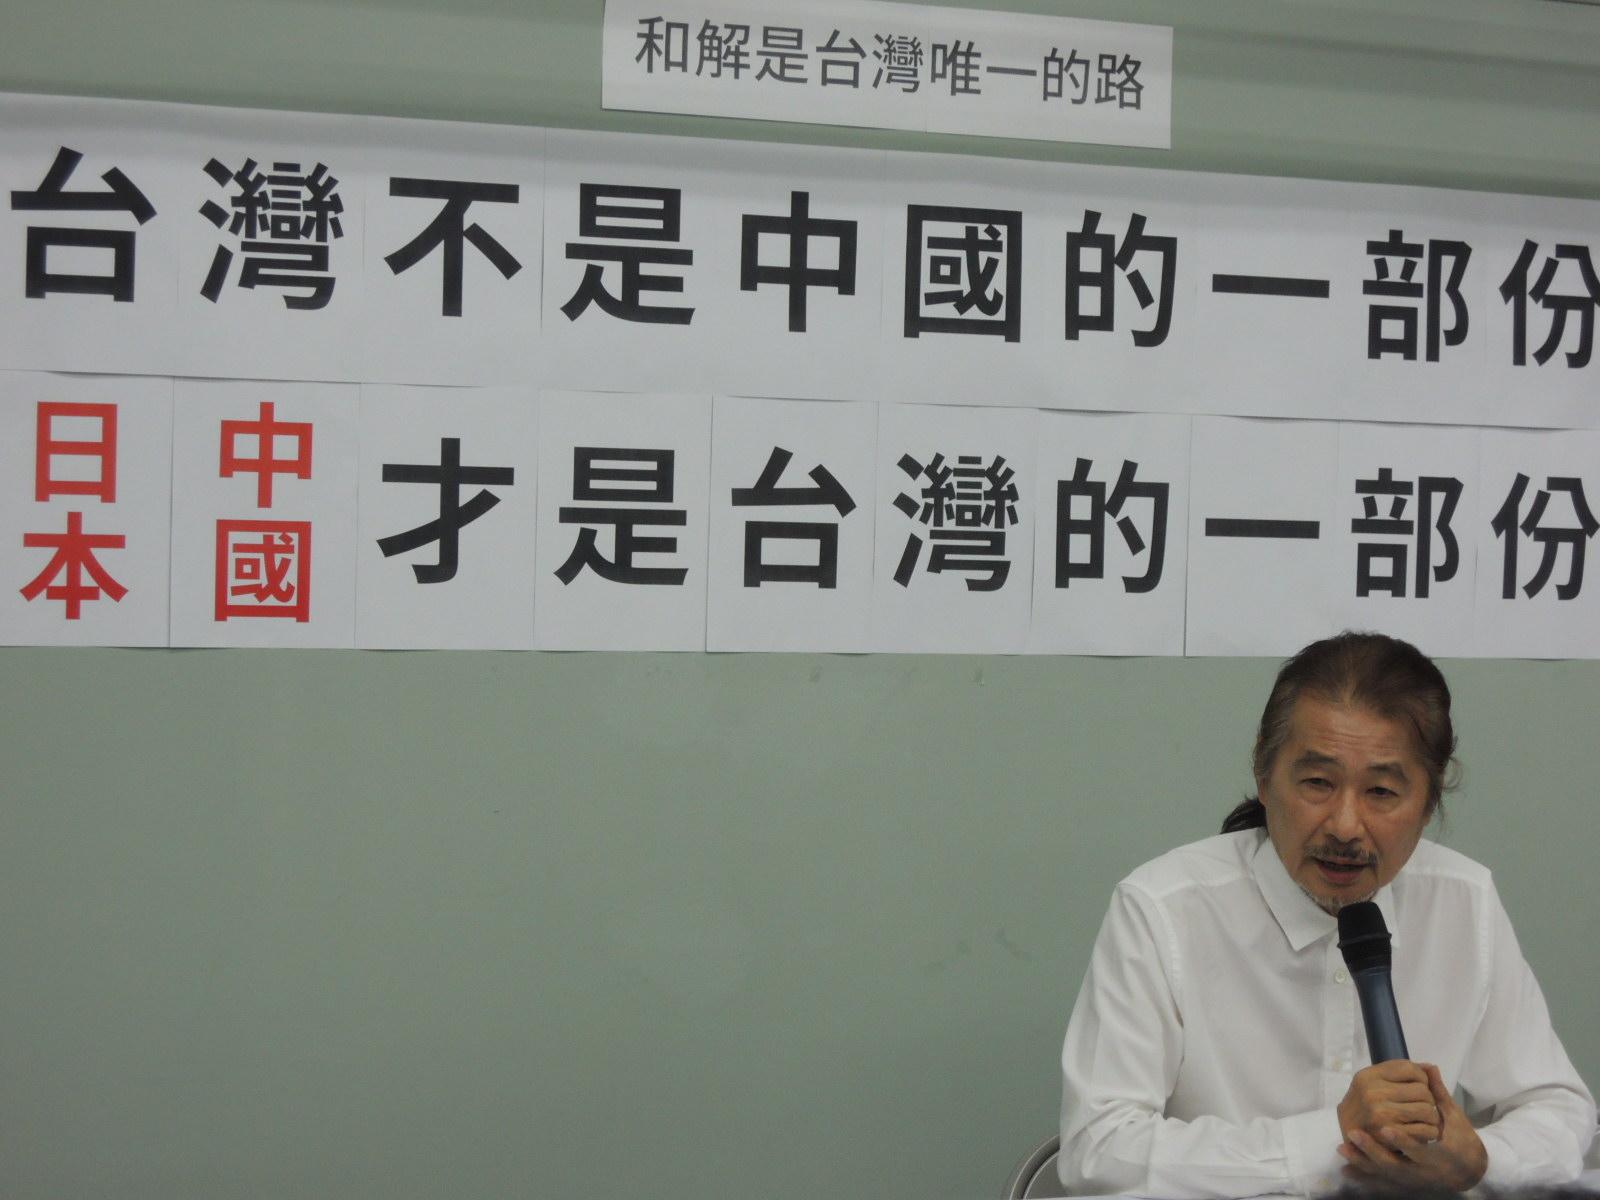 施明德:中國,日本才是臺灣的一部份